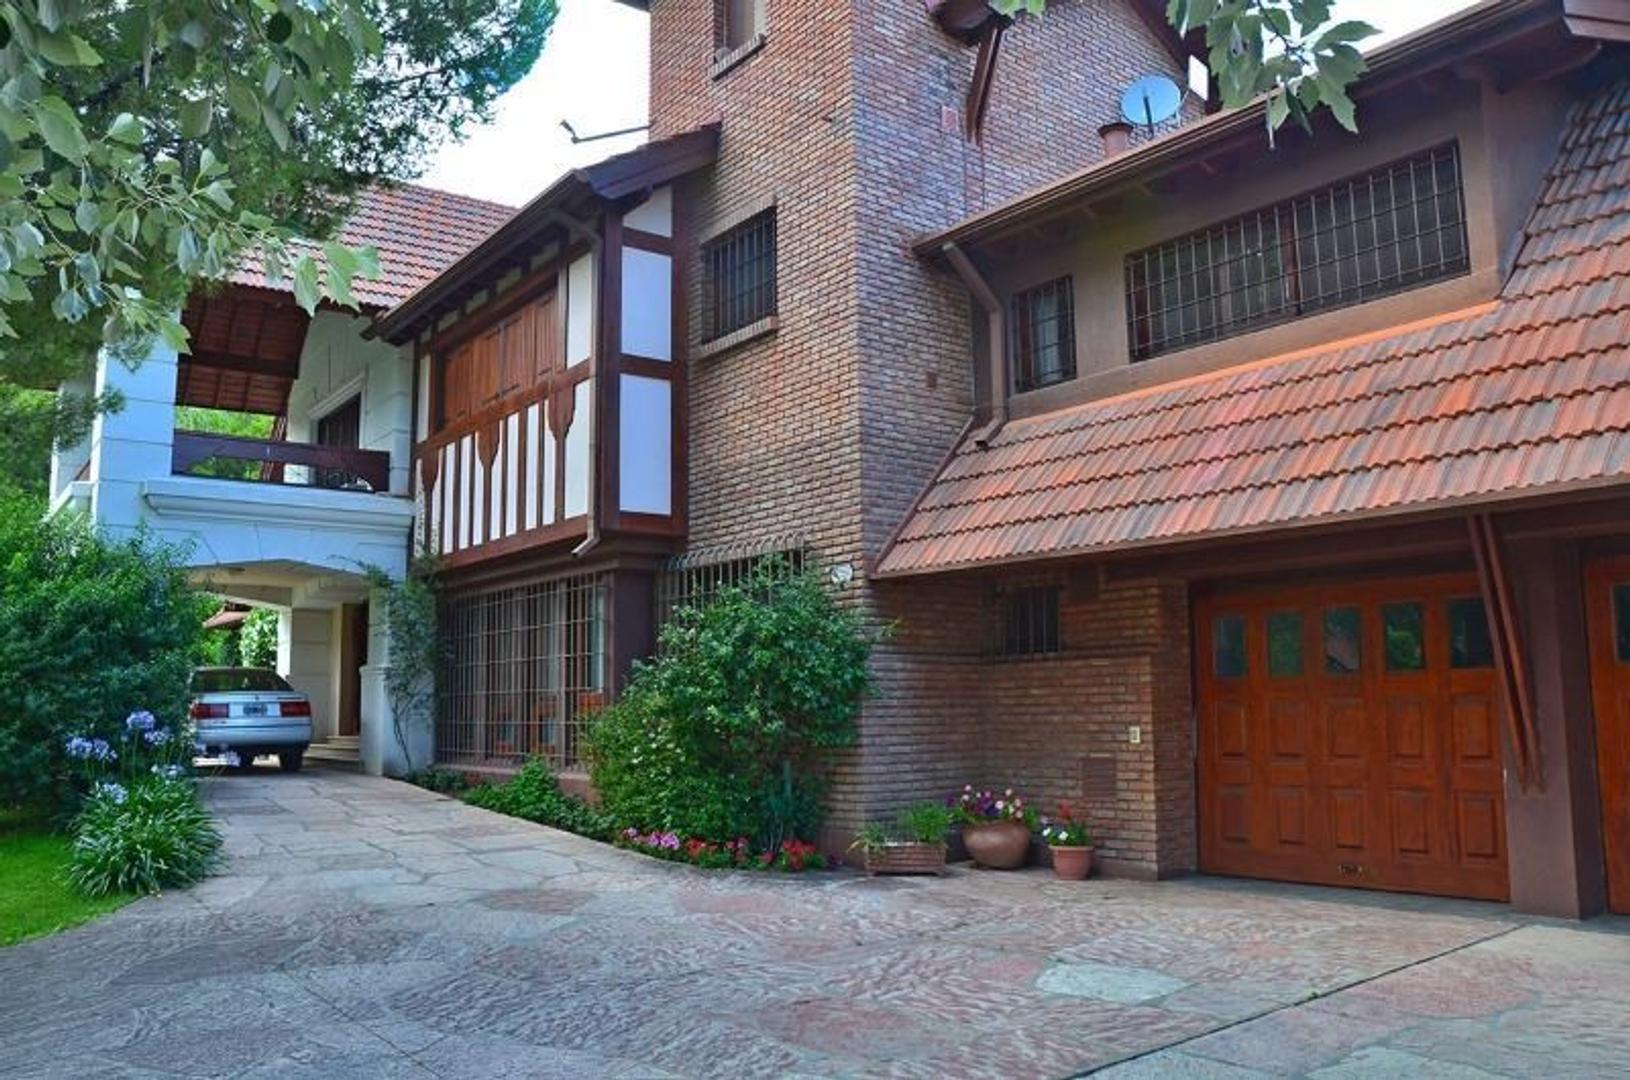 Casa en Venta en Chumamaya - 5 ambientes